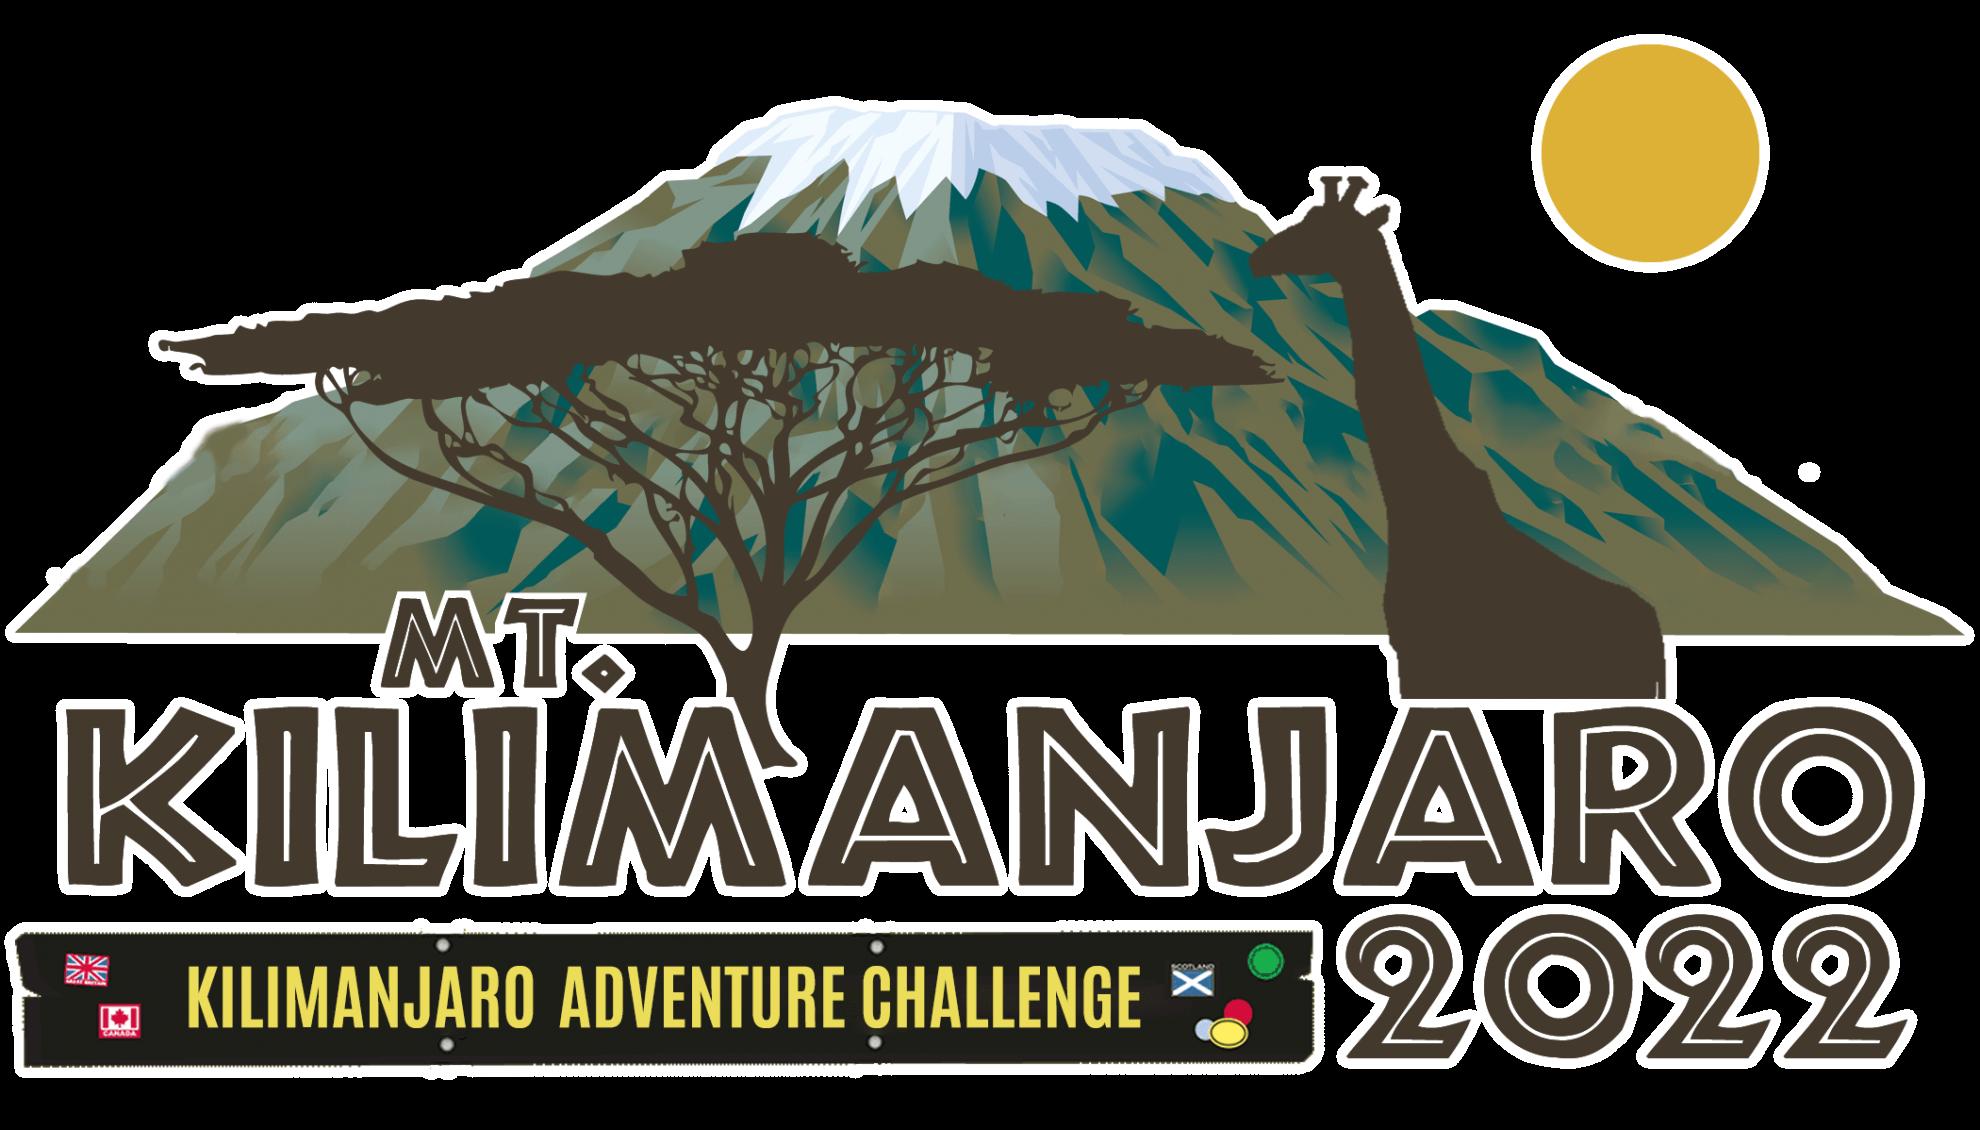 Kilimanjaro Adventure Challenge